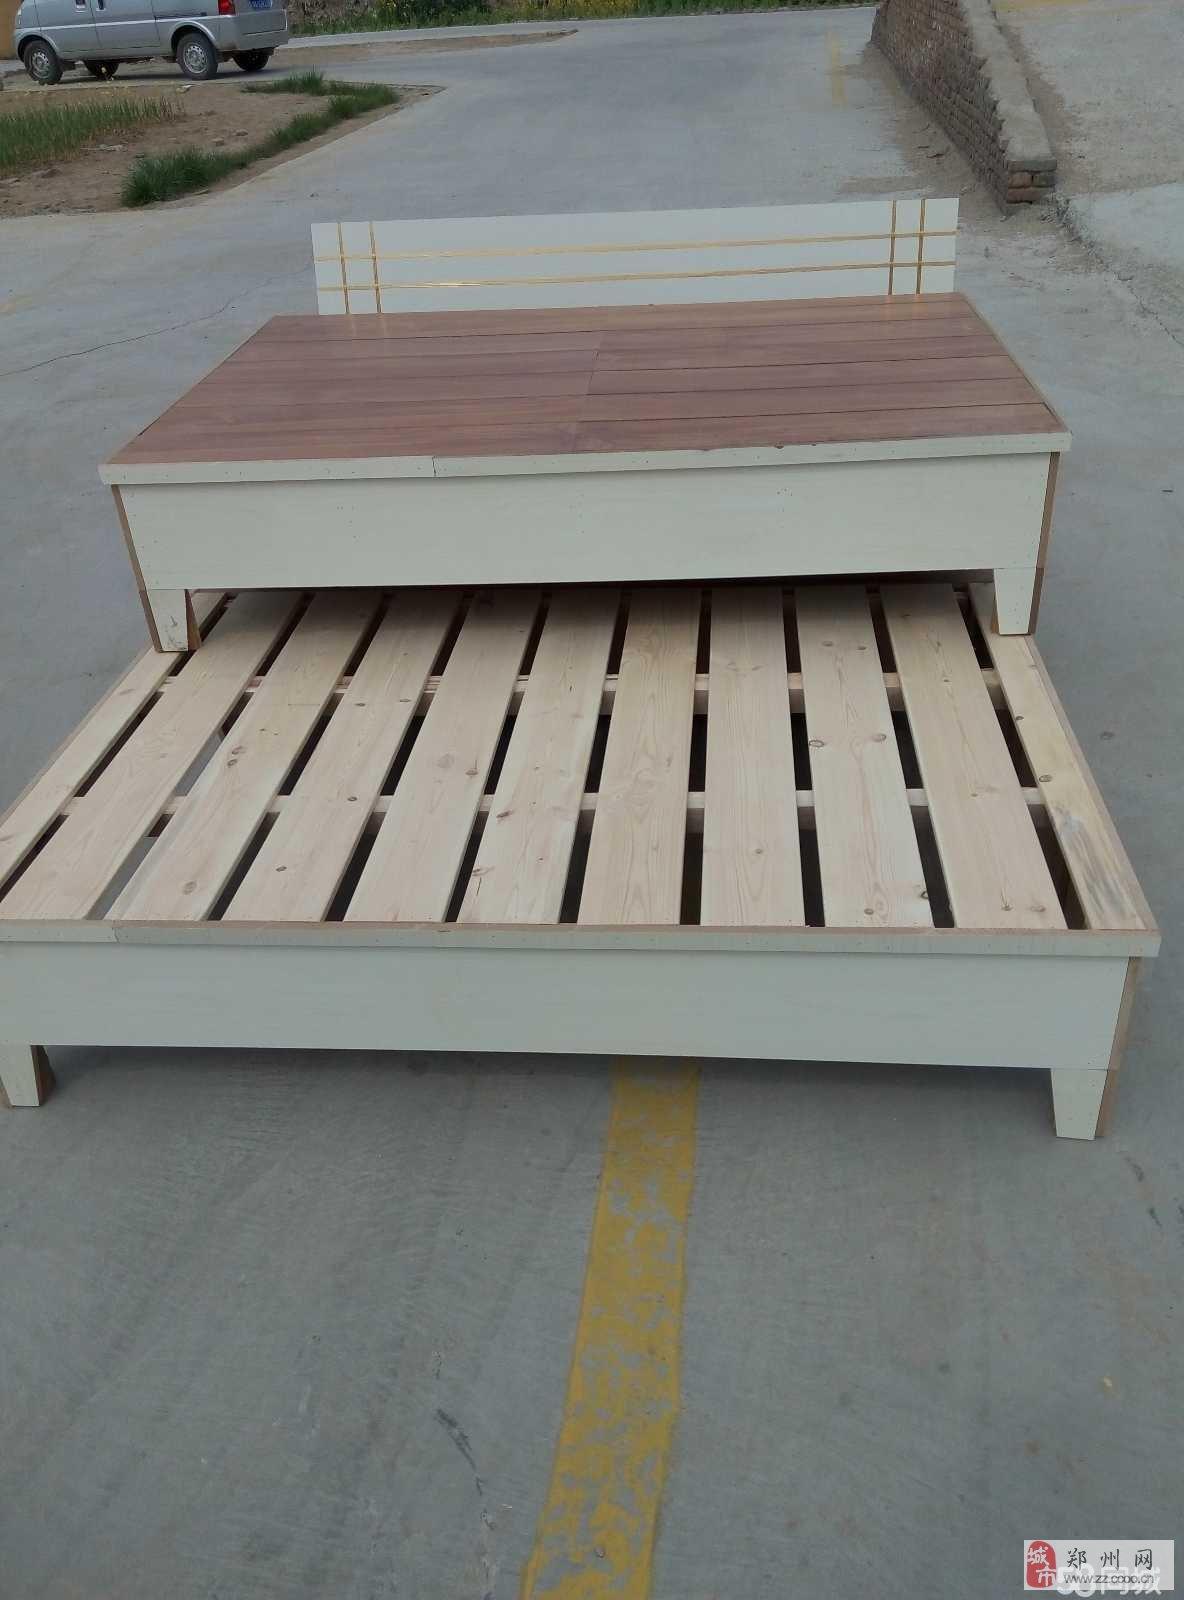 厂家直销双人床单人床床垫衣柜桌子椅子等